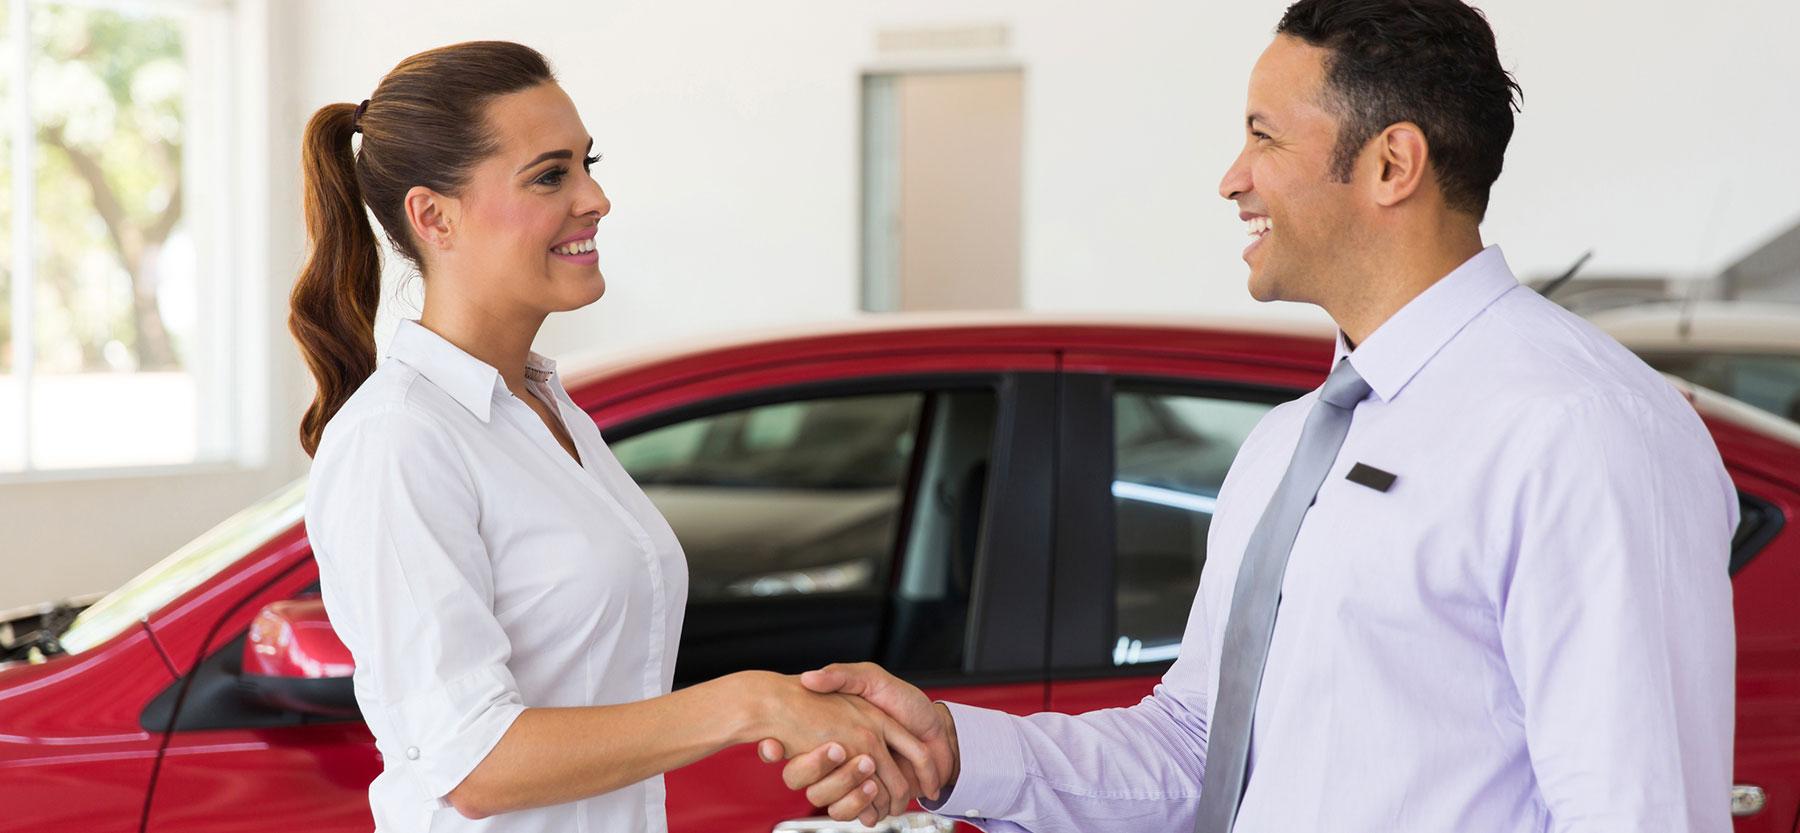 Compre Nuevos Seminuevos Usados Carros Camionetas SUVs Minivans Camiones Descuento Espan?ol Louisville Elizabethtown KY Jeffersonville IN Usado Certificado